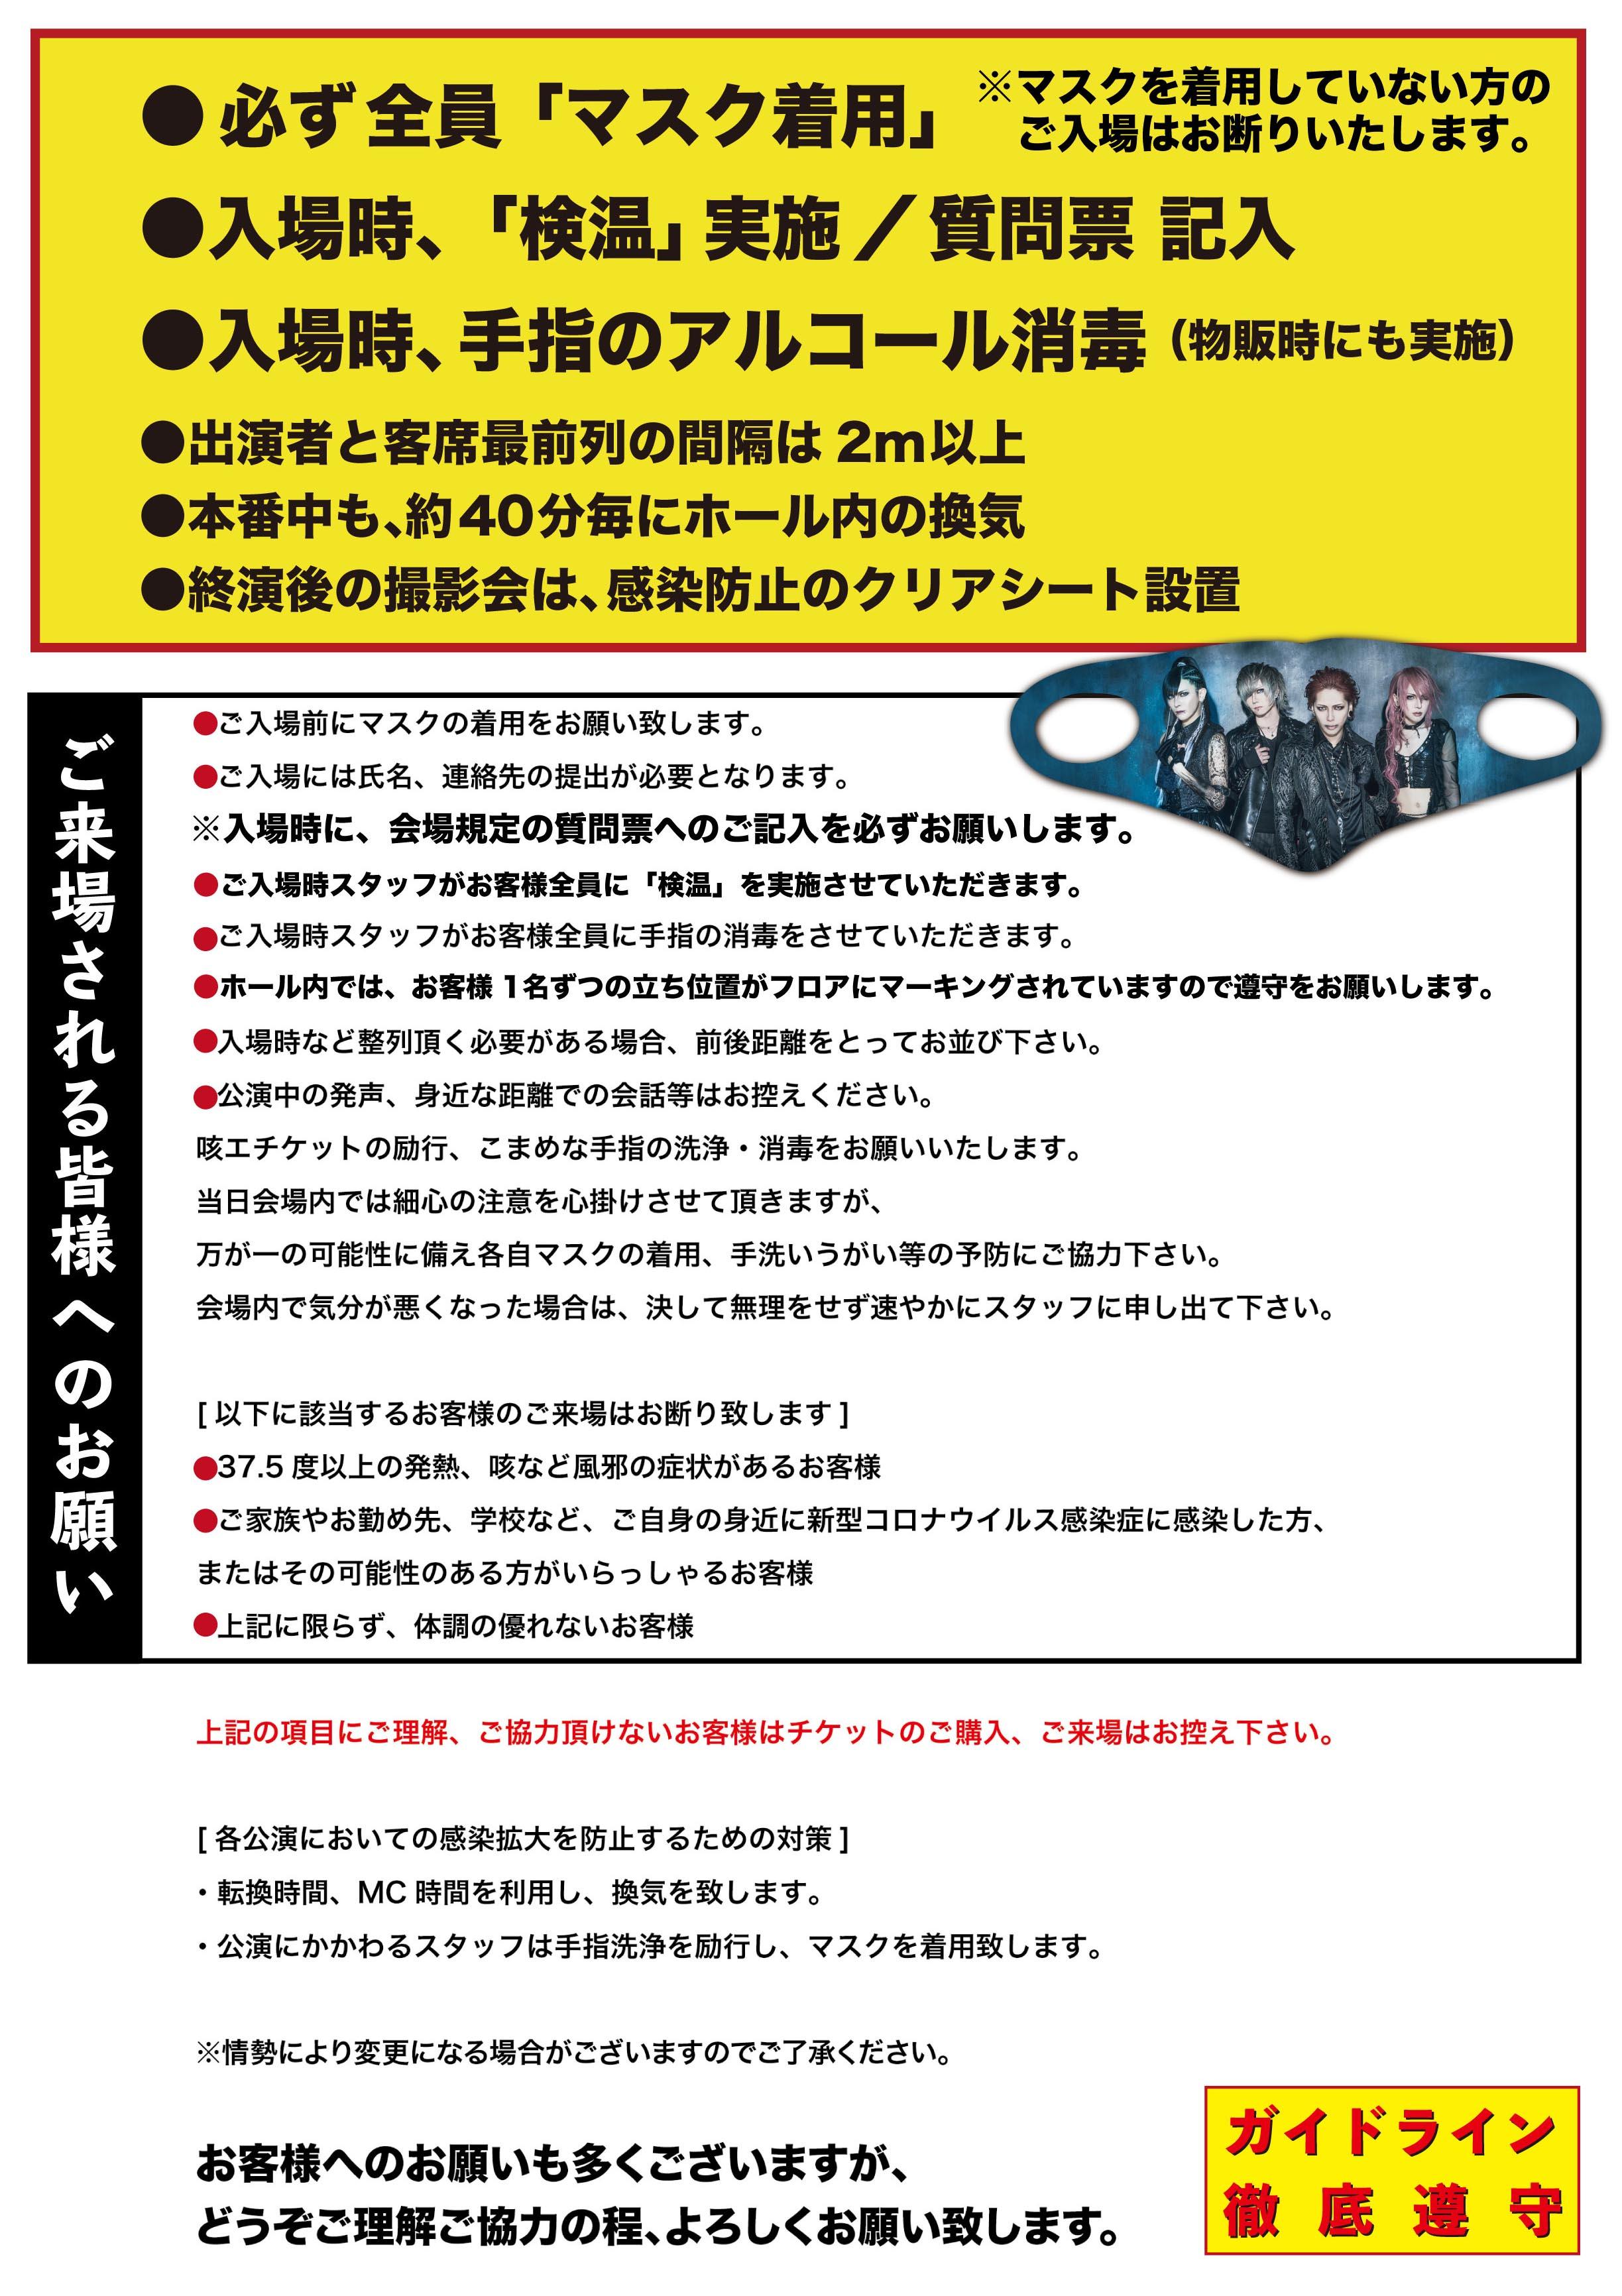 200823rex_JILUKA注意事項